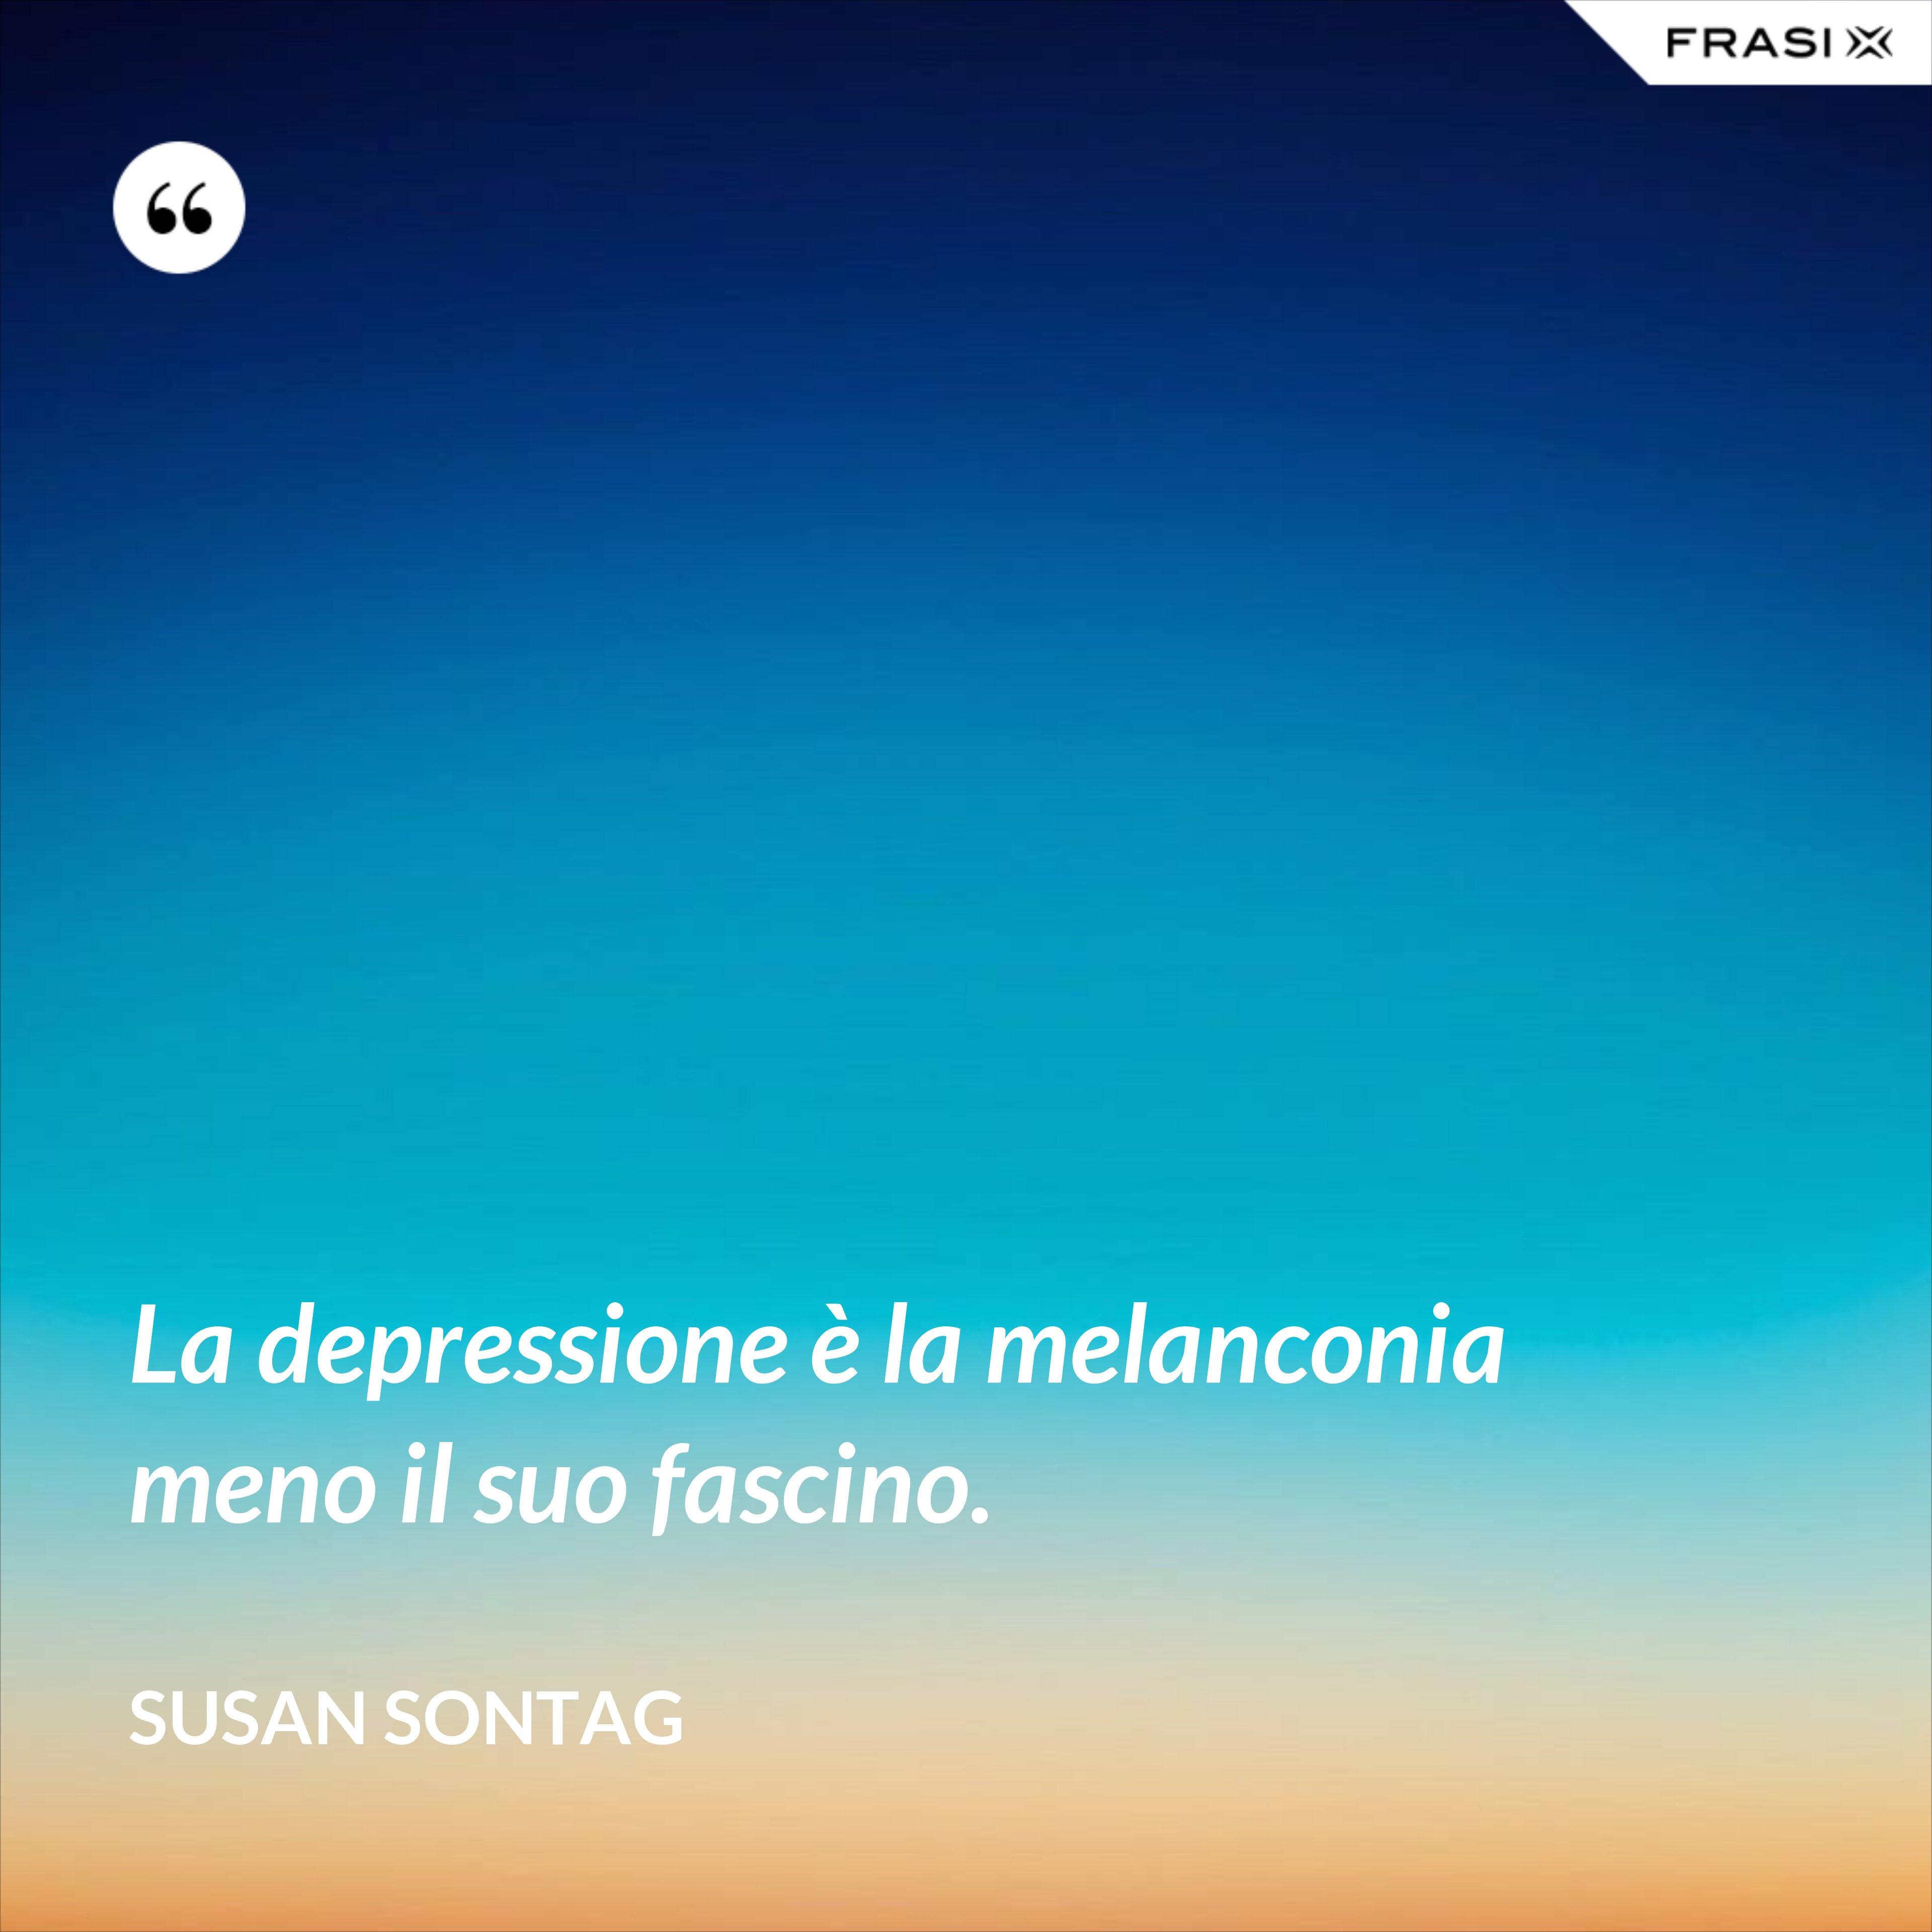 La depressione è la melanconia meno il suo fascino. - Susan Sontag